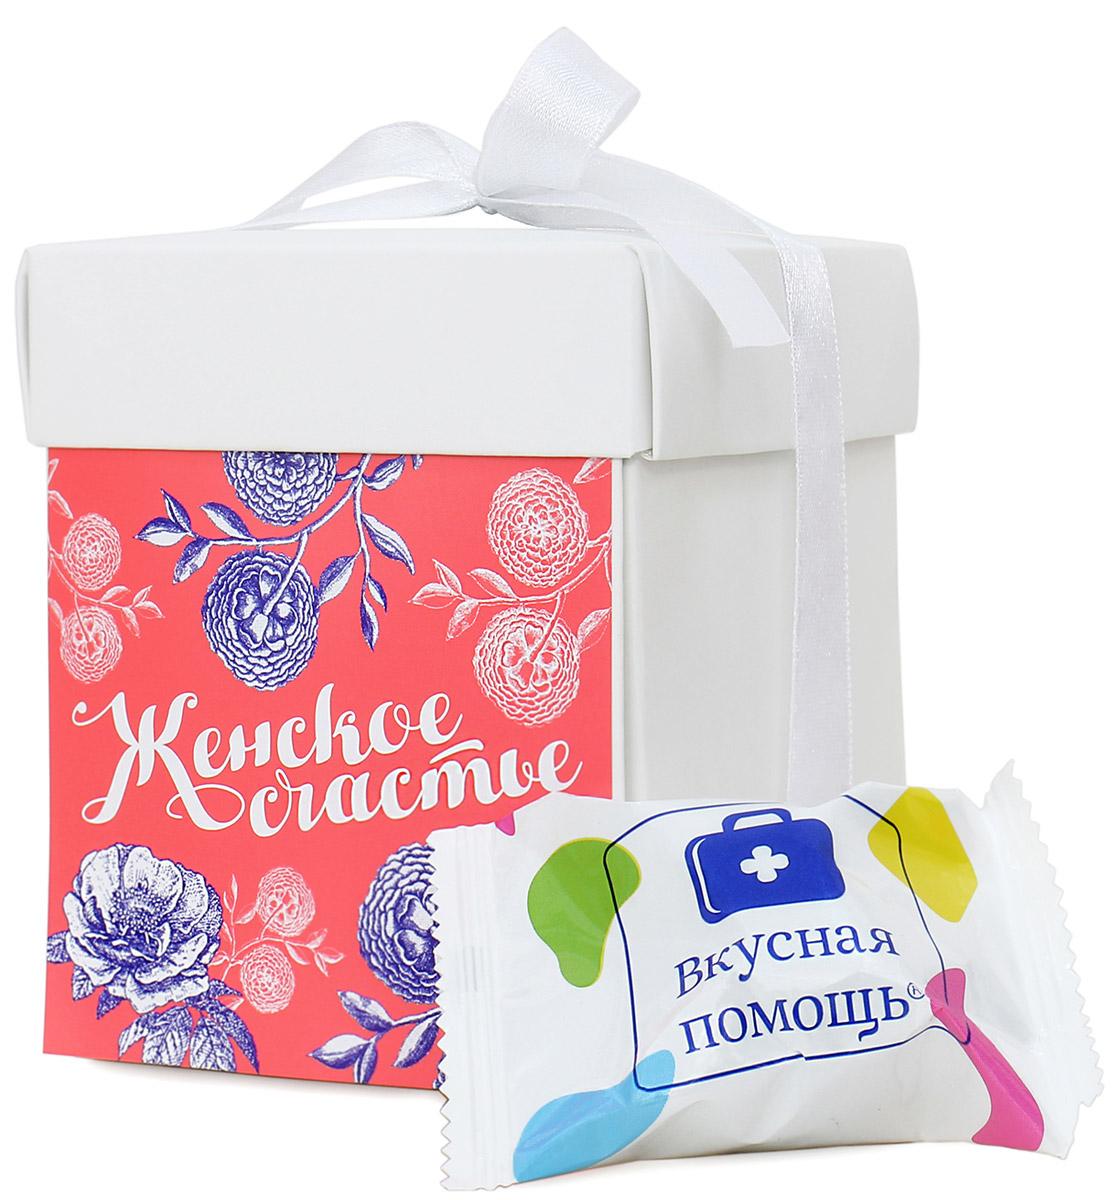 Вкусная помощь Женское счастье конфеты, 125 г00-00000263Сладкий подарок для девушек всегда был приятным. Даже если они не едят конфеты, то в тайне о них мечтают. Новый яркий дизайн упаковки порадует представительниц прекрасного пола - нежный и по-девичьи трогательный. Внутри - шоколадные конфеты Мадлен со вкусом сливок и орехом. Глазированные кондитерской глазурью и обсыпанные жареным дробленым арахисом конфеты со сливочно-ореховой начинкой придутся по душе всем любительницам сладостей. Дарите своим девушкам сладкие подарки и укрепляйте отношения. Еще такая коробочка отлично подойдет в качестве подарка вашим сотрудницам в офисе.